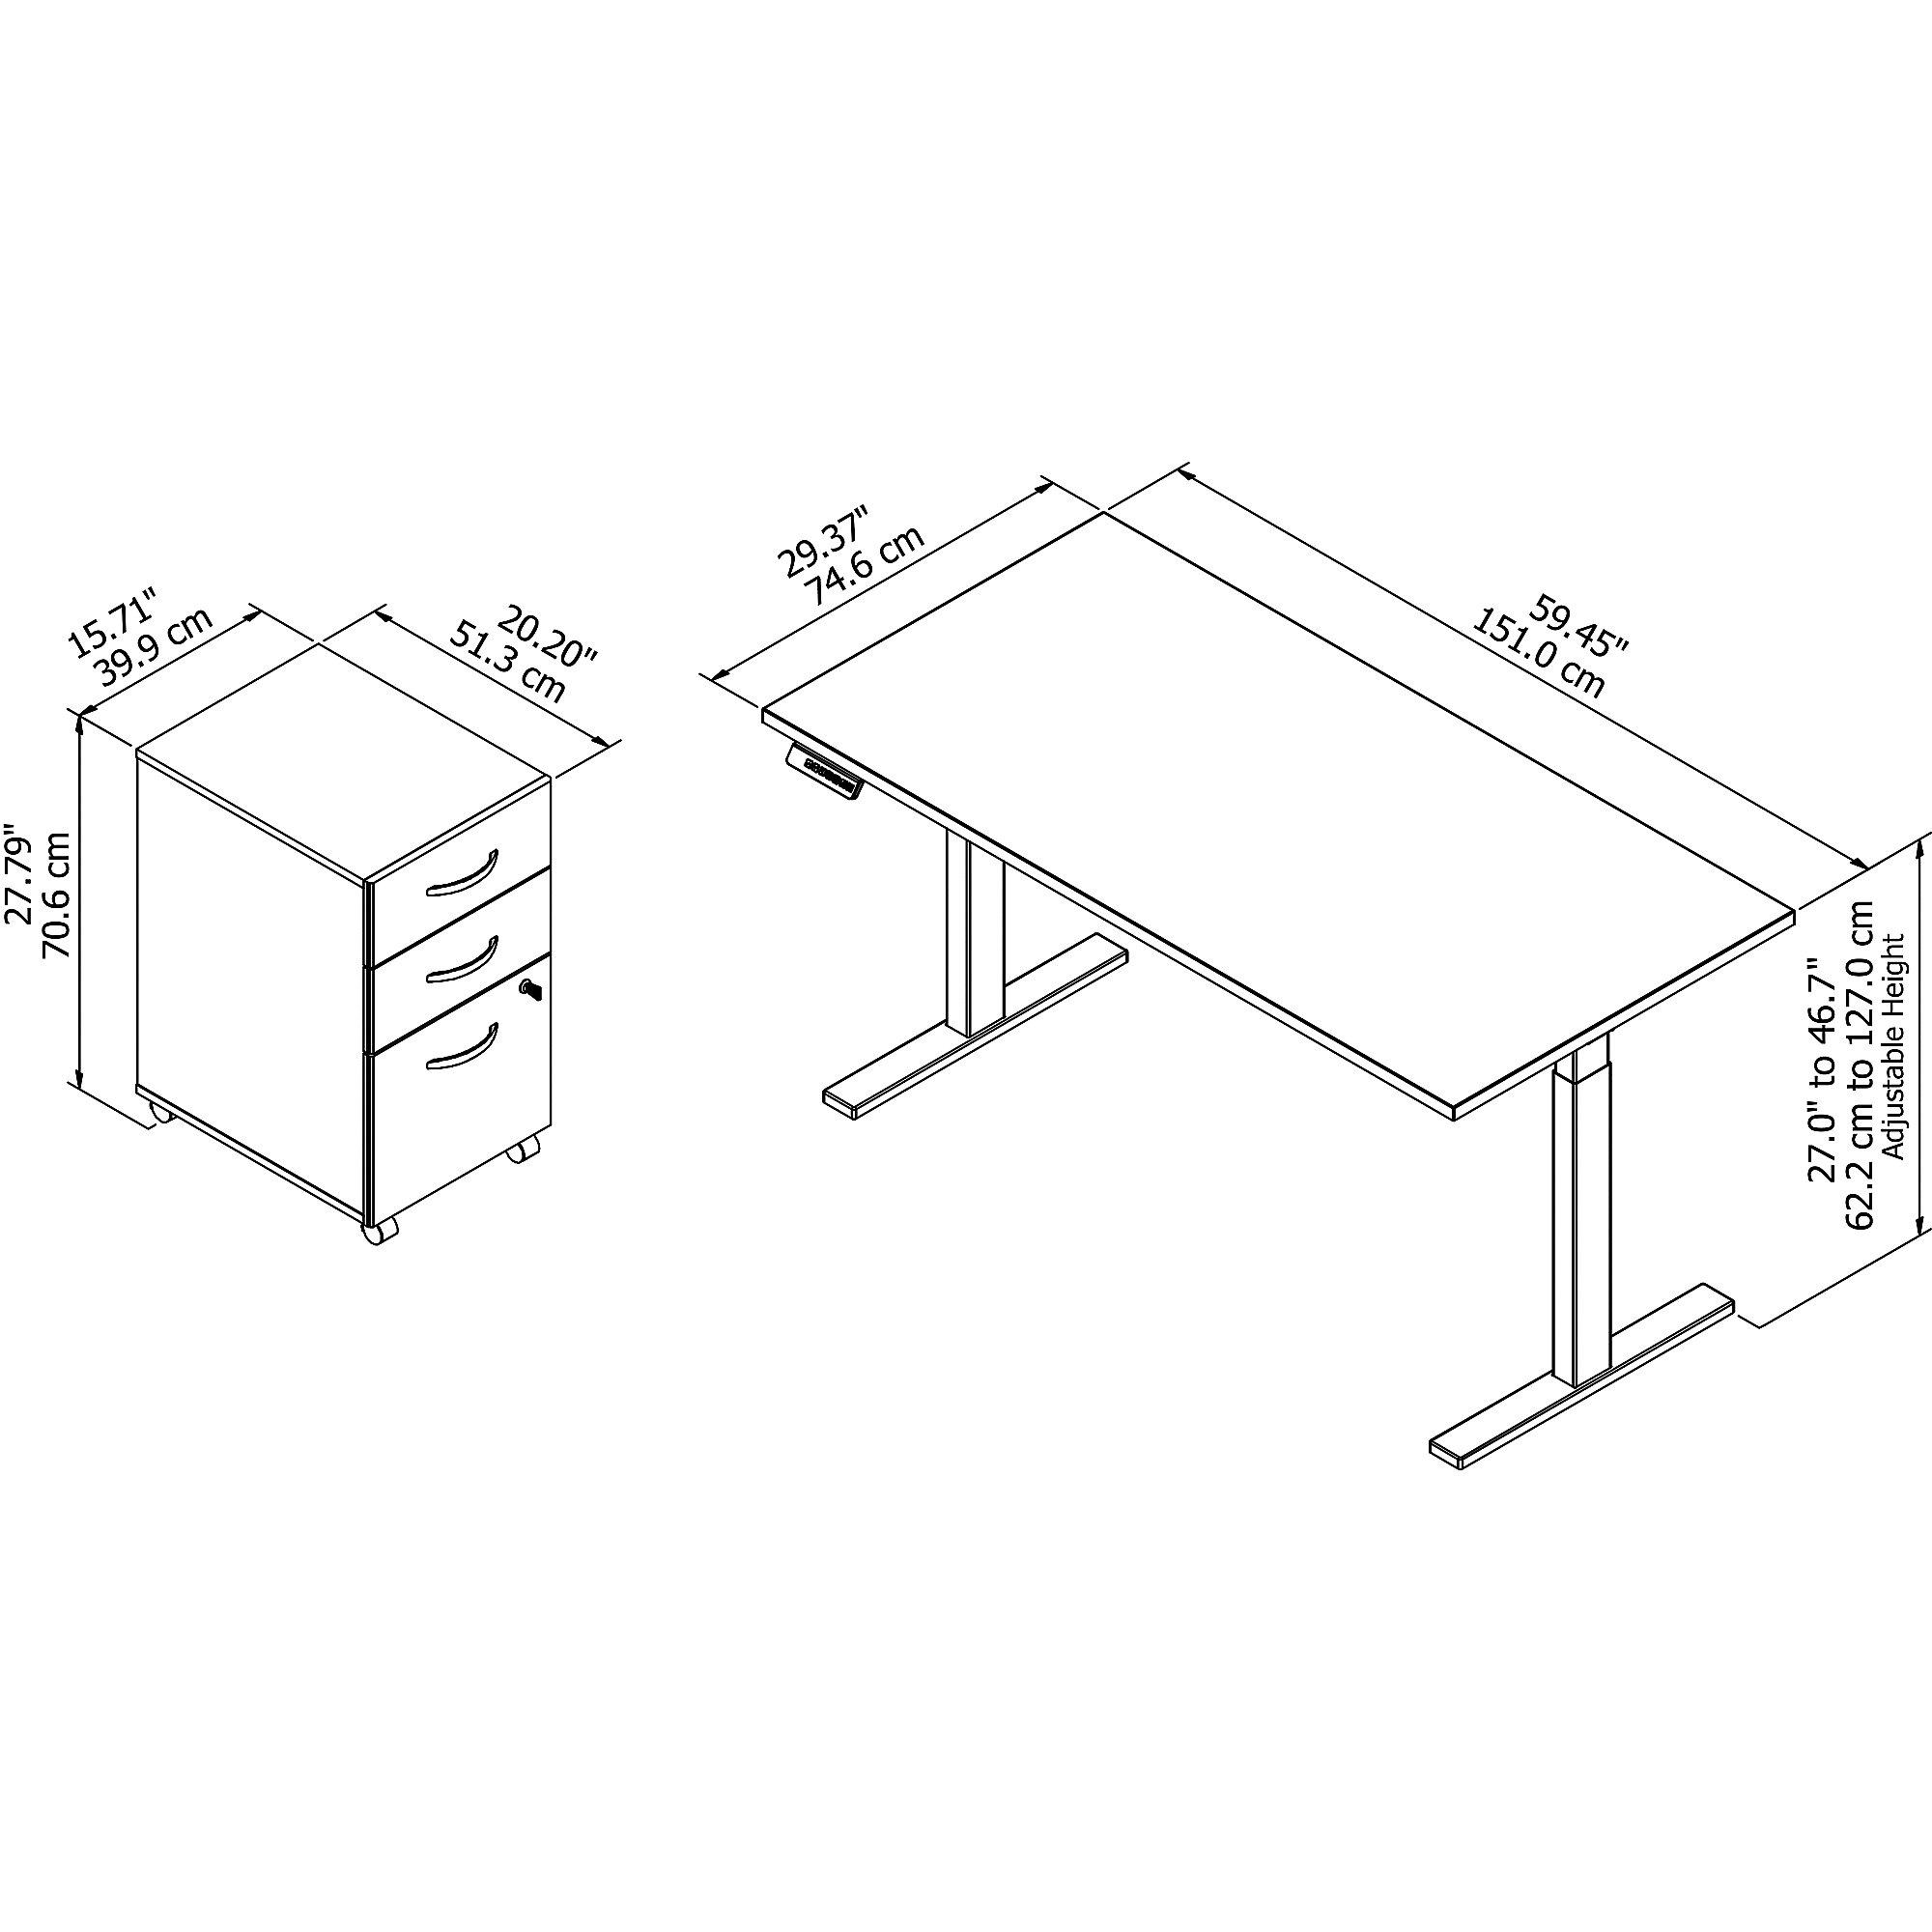 ergonomic desk and file dimensions